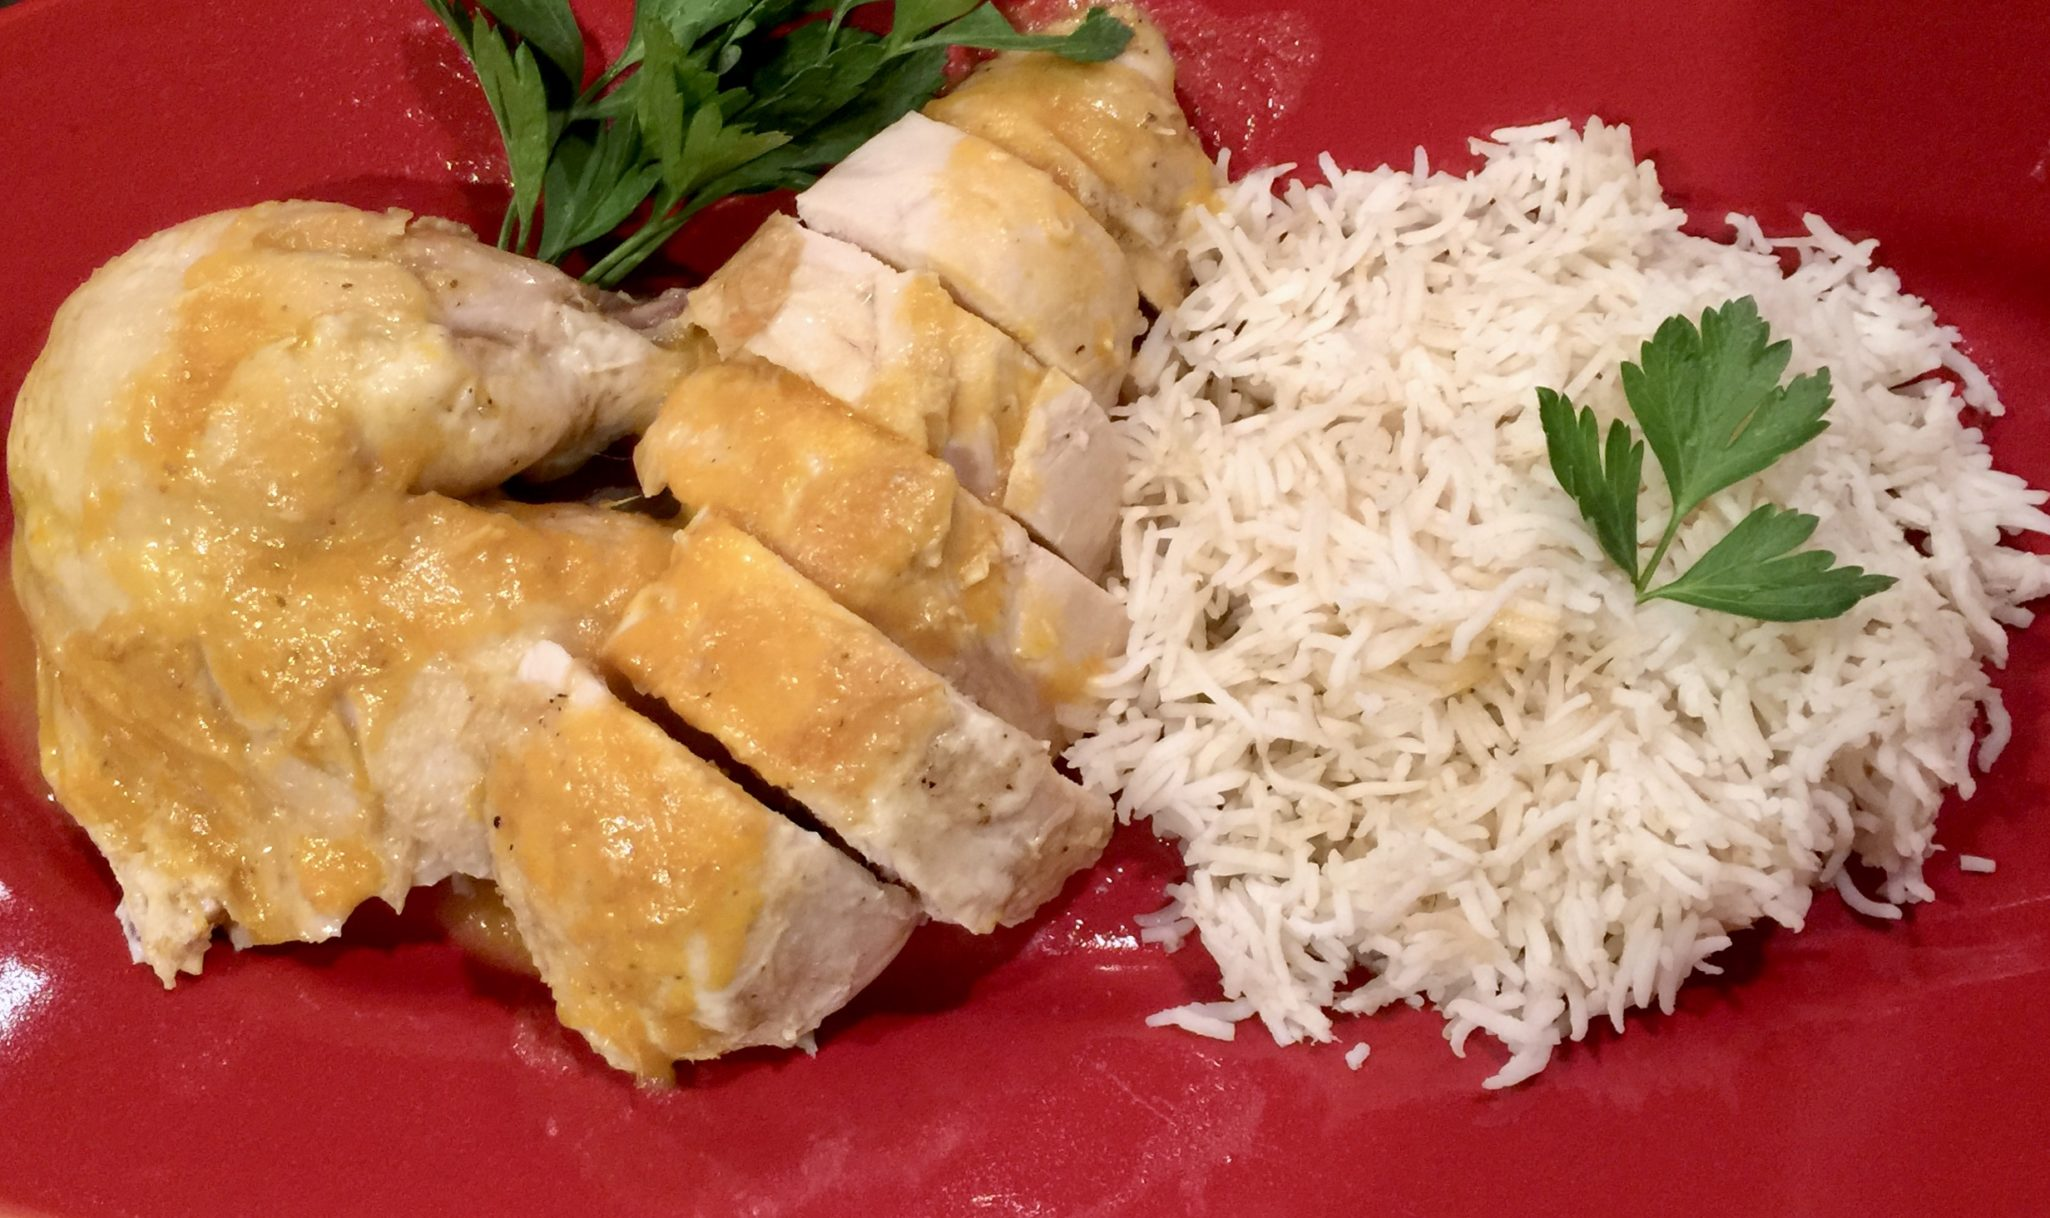 NOM-NOM-licious Chicken and Gravy